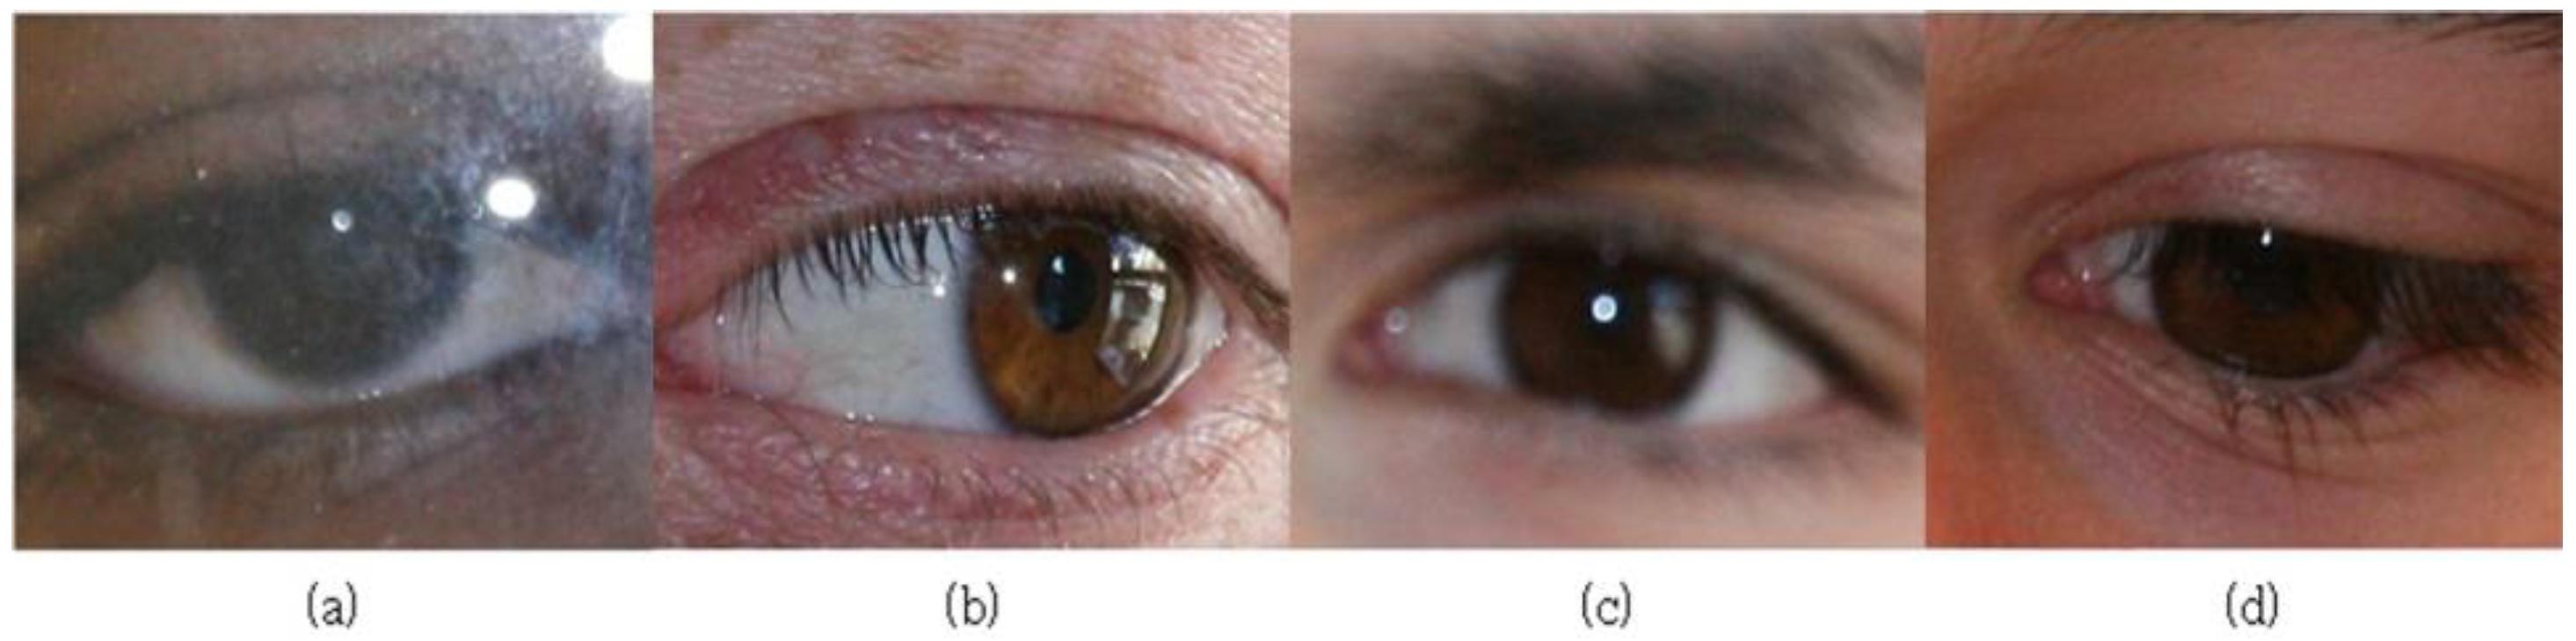 Sensors | Free Full-Text | Noisy Ocular Recognition Based on